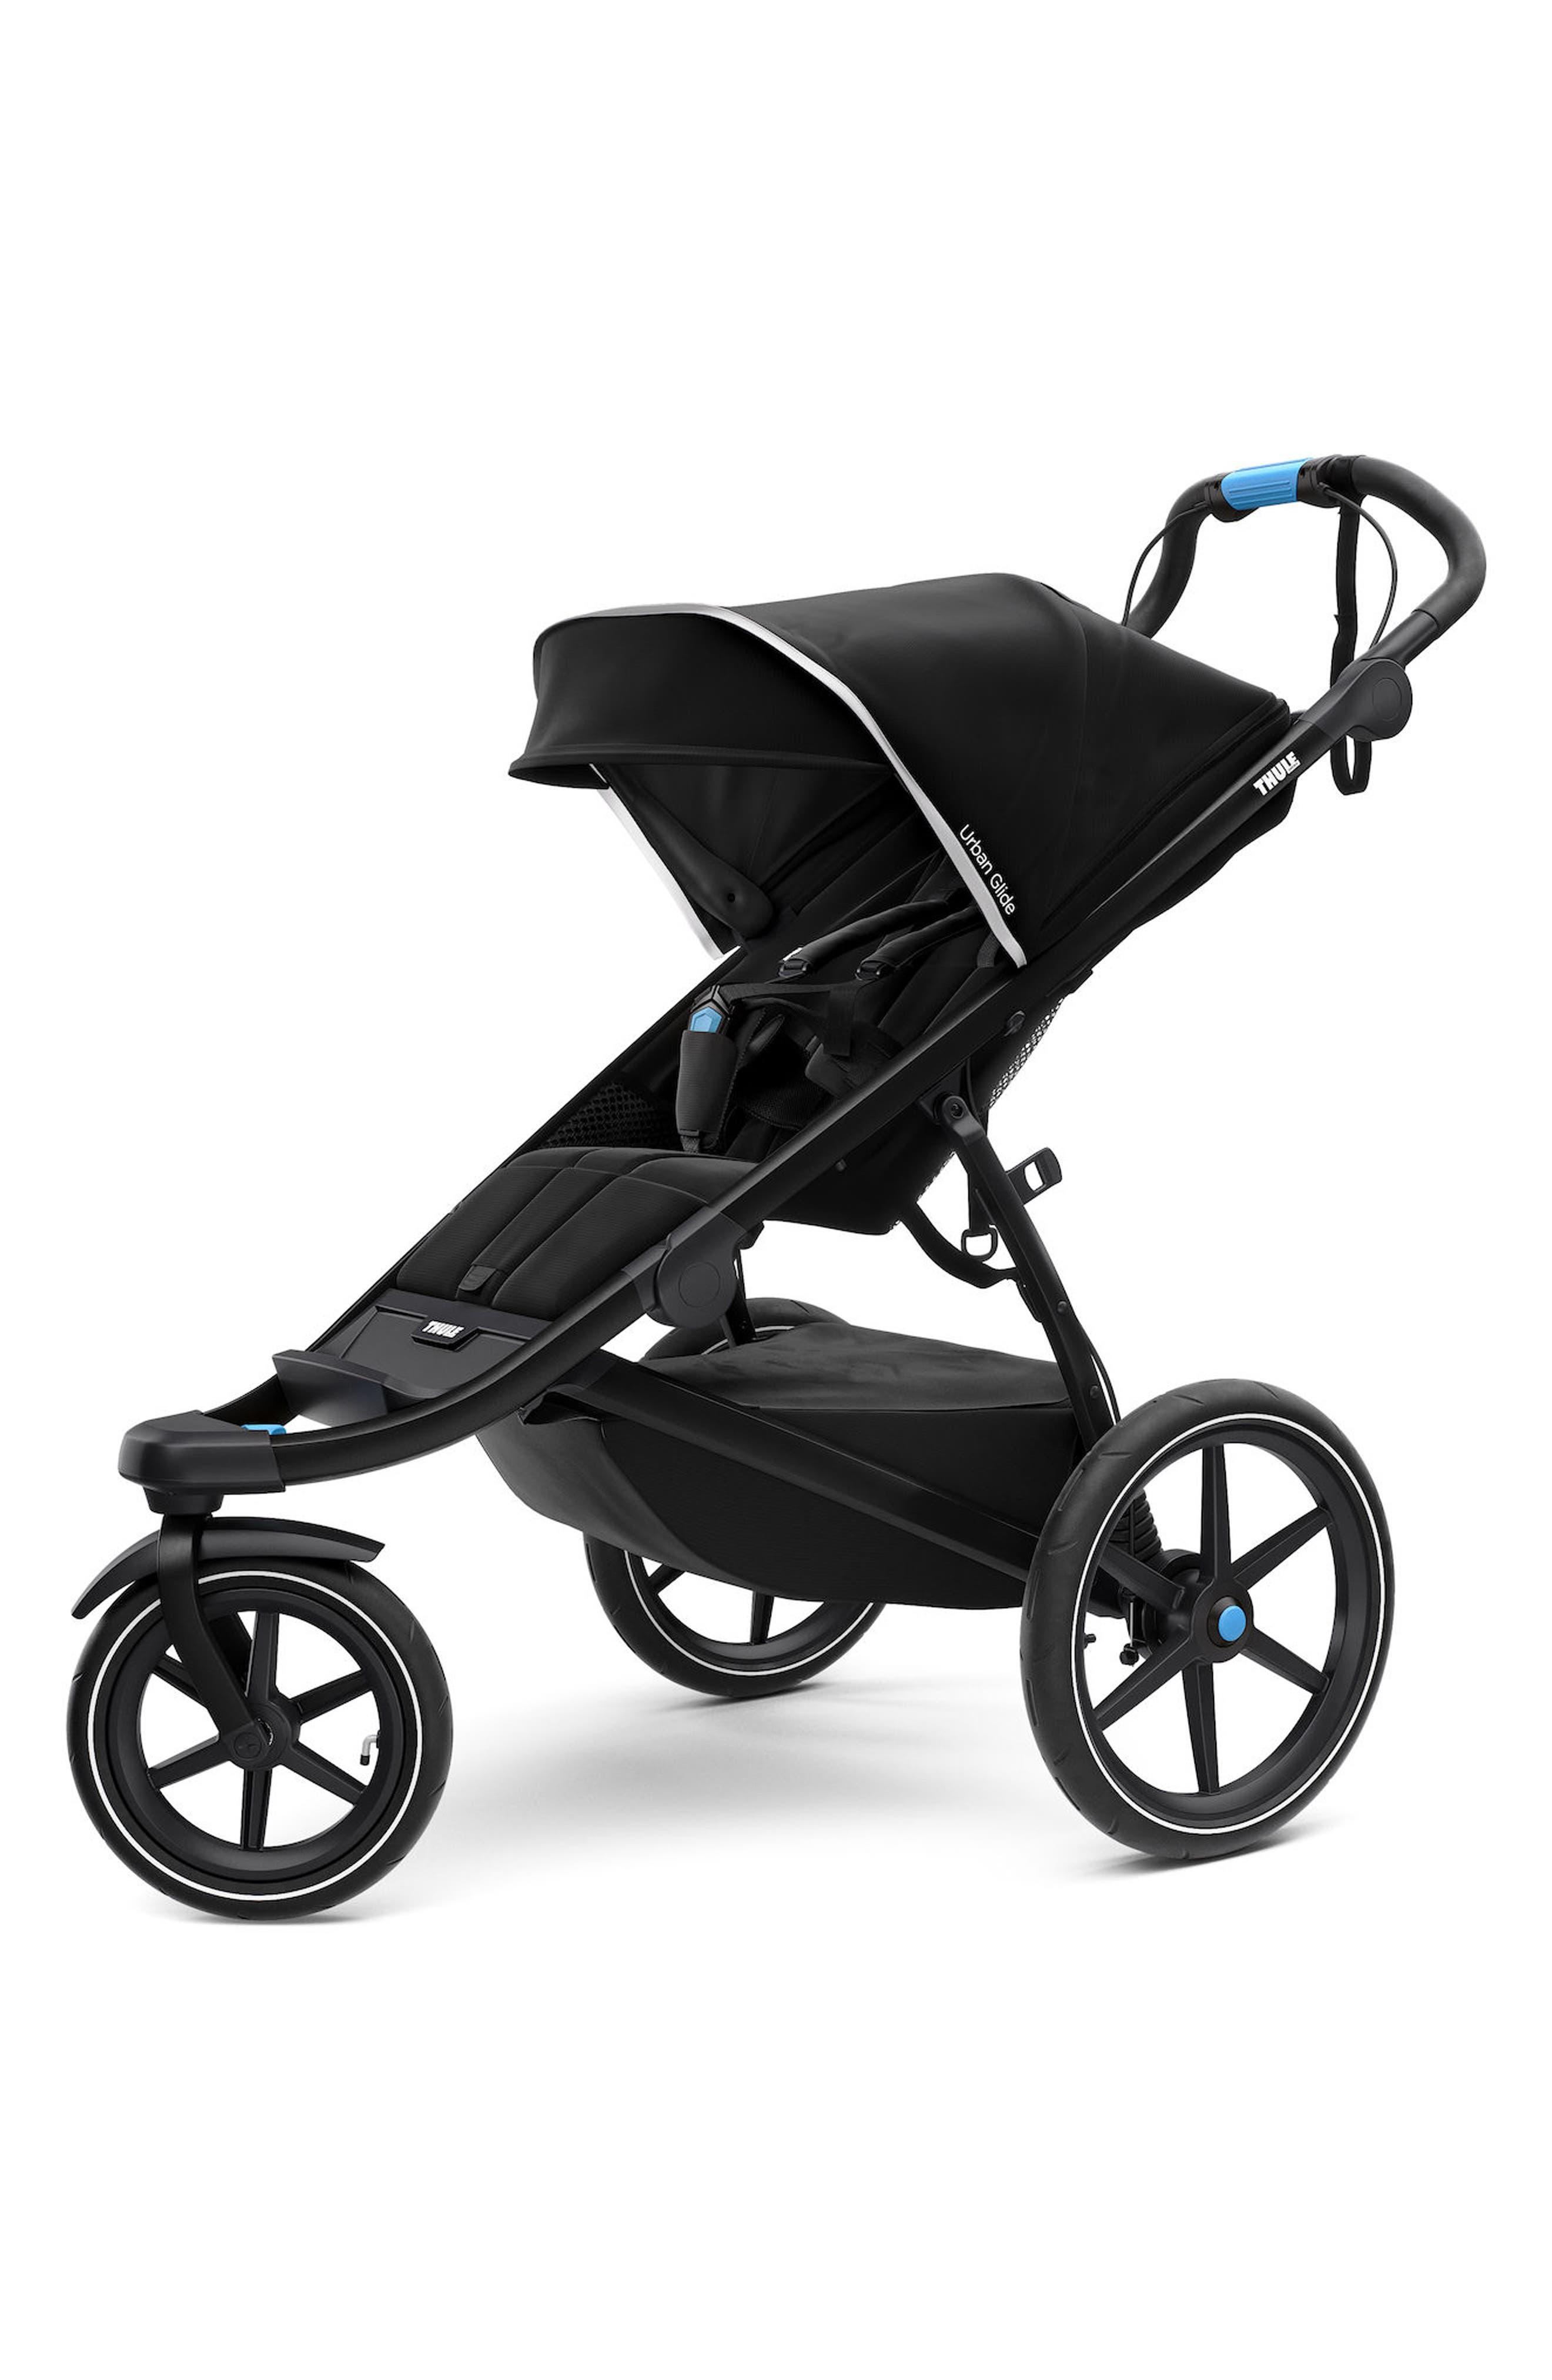 Urban Glide 2 Jogging Stroller with Silver Frame,                         Main,                         color, Black/ Black Frame